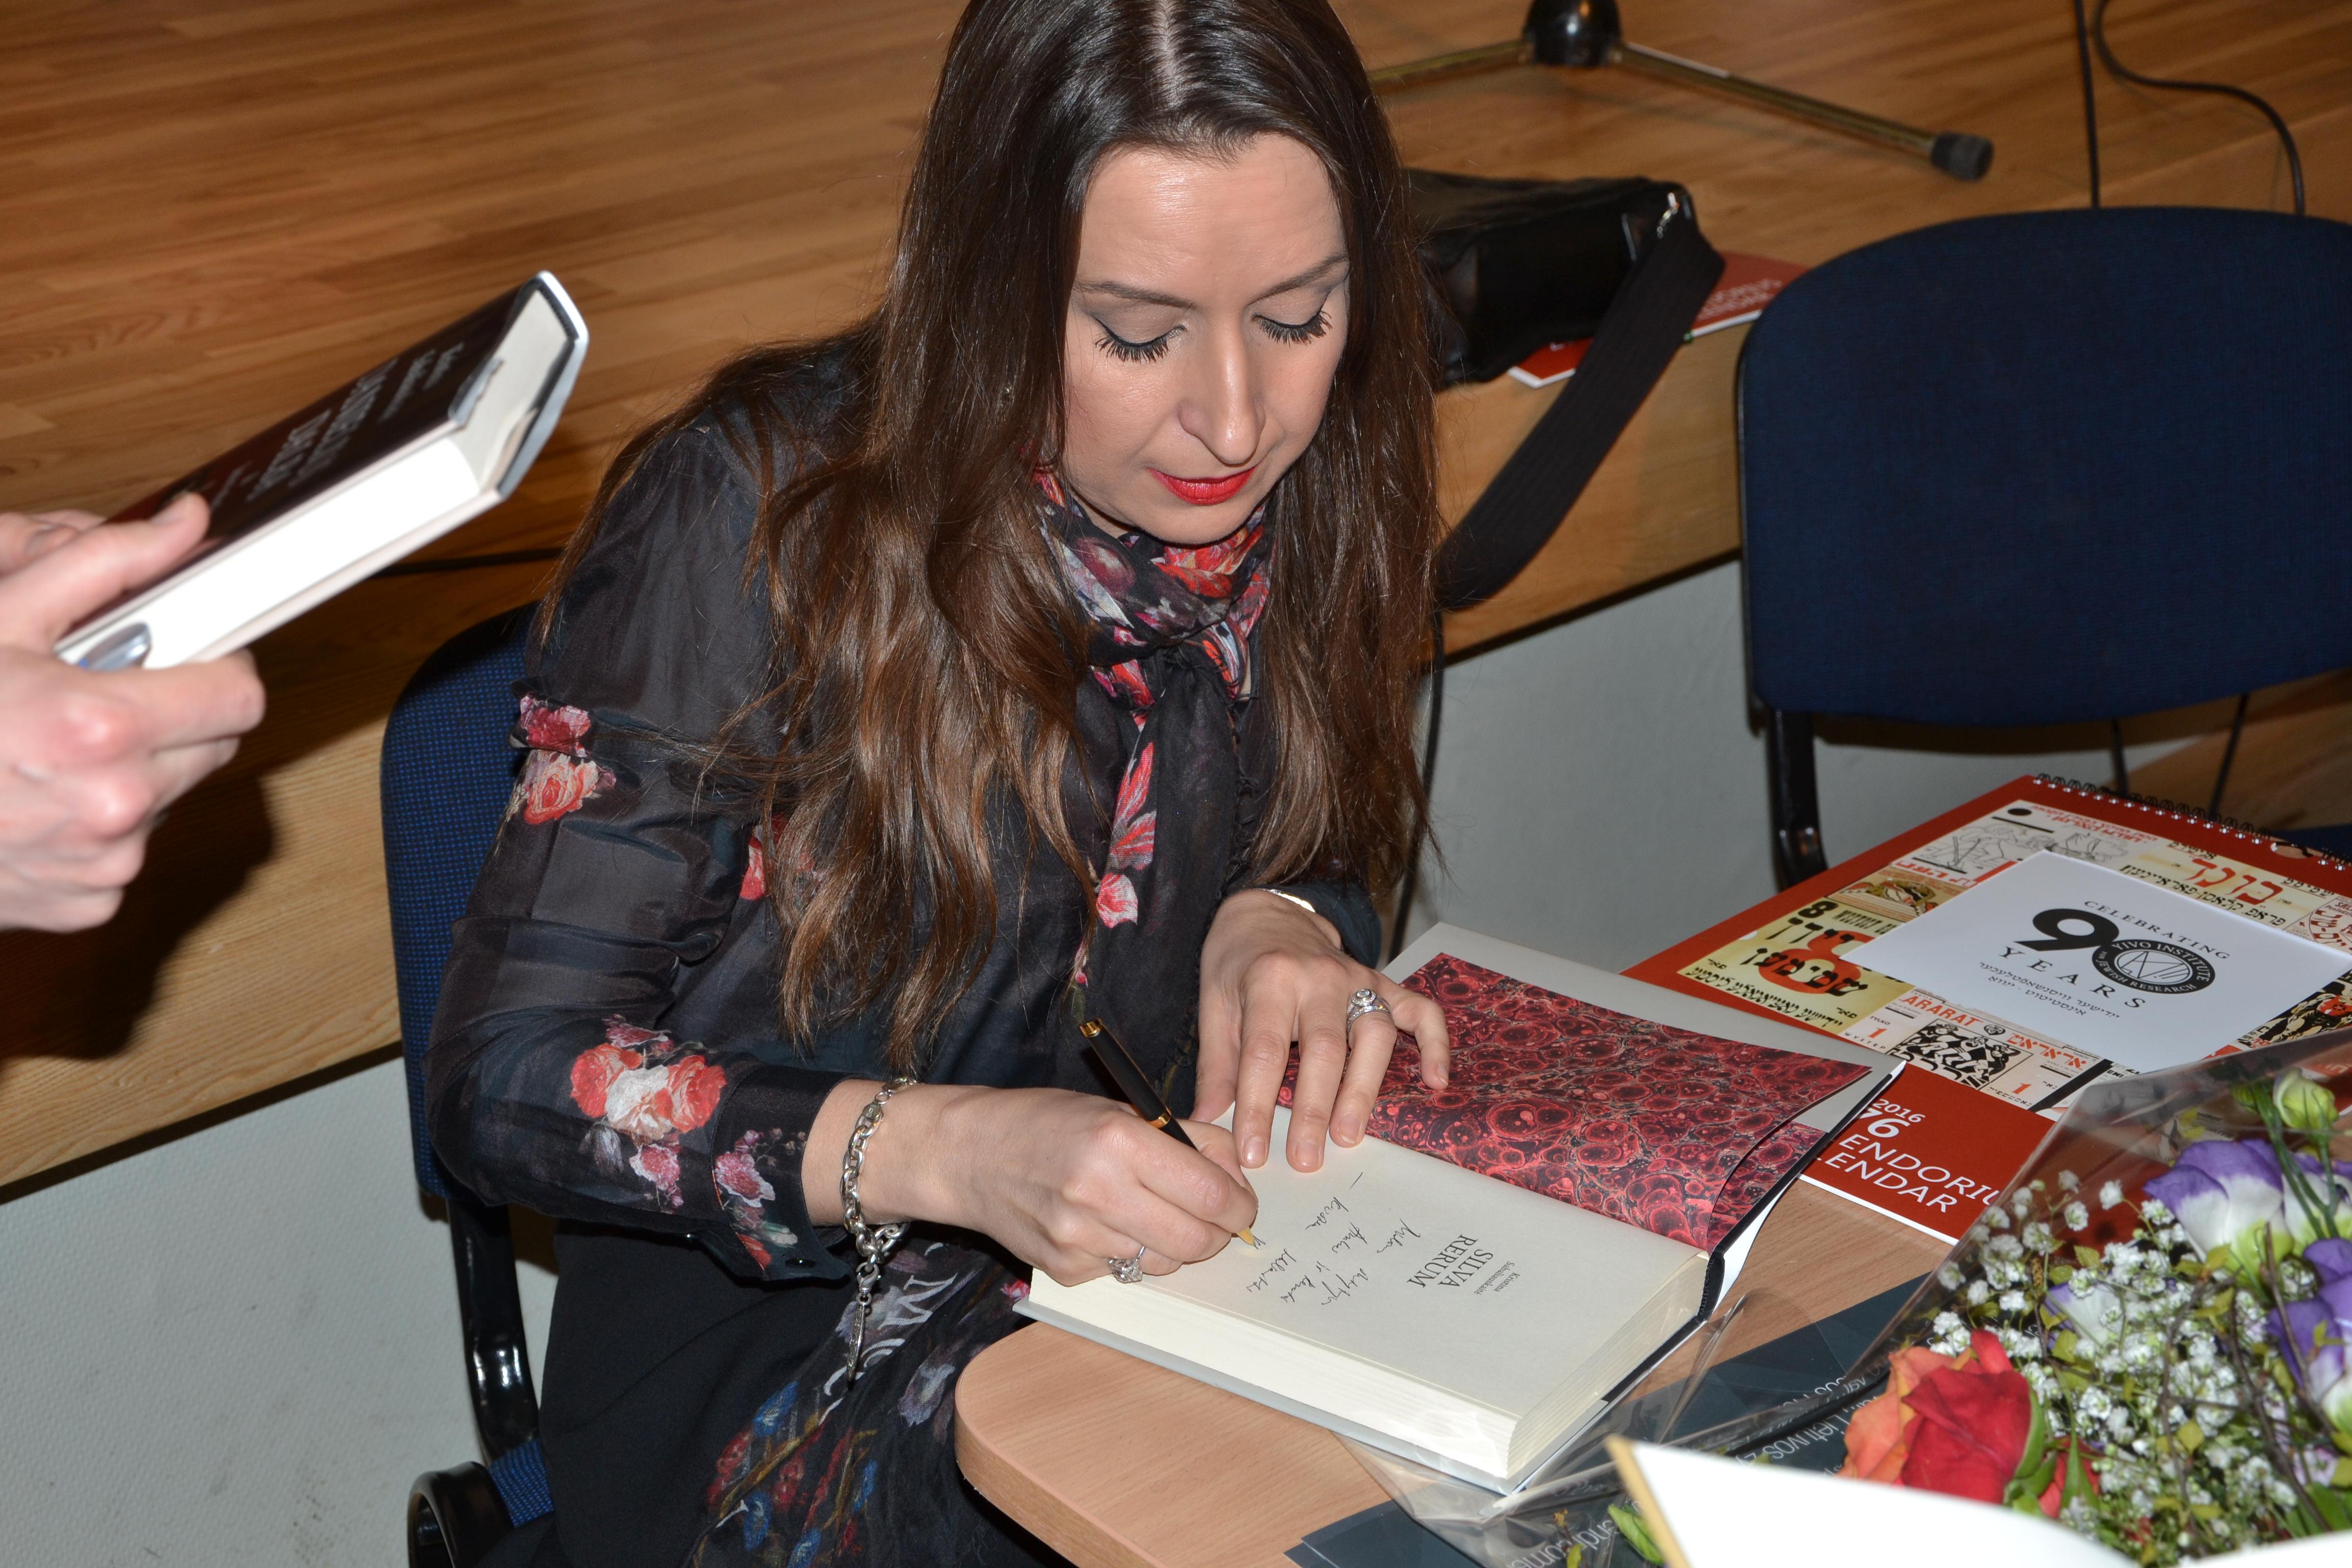 Apie žydiškus motyvus, istorinius faktus ir lietuvišką tapatybę K.Sabaliauskaitės kūryboje